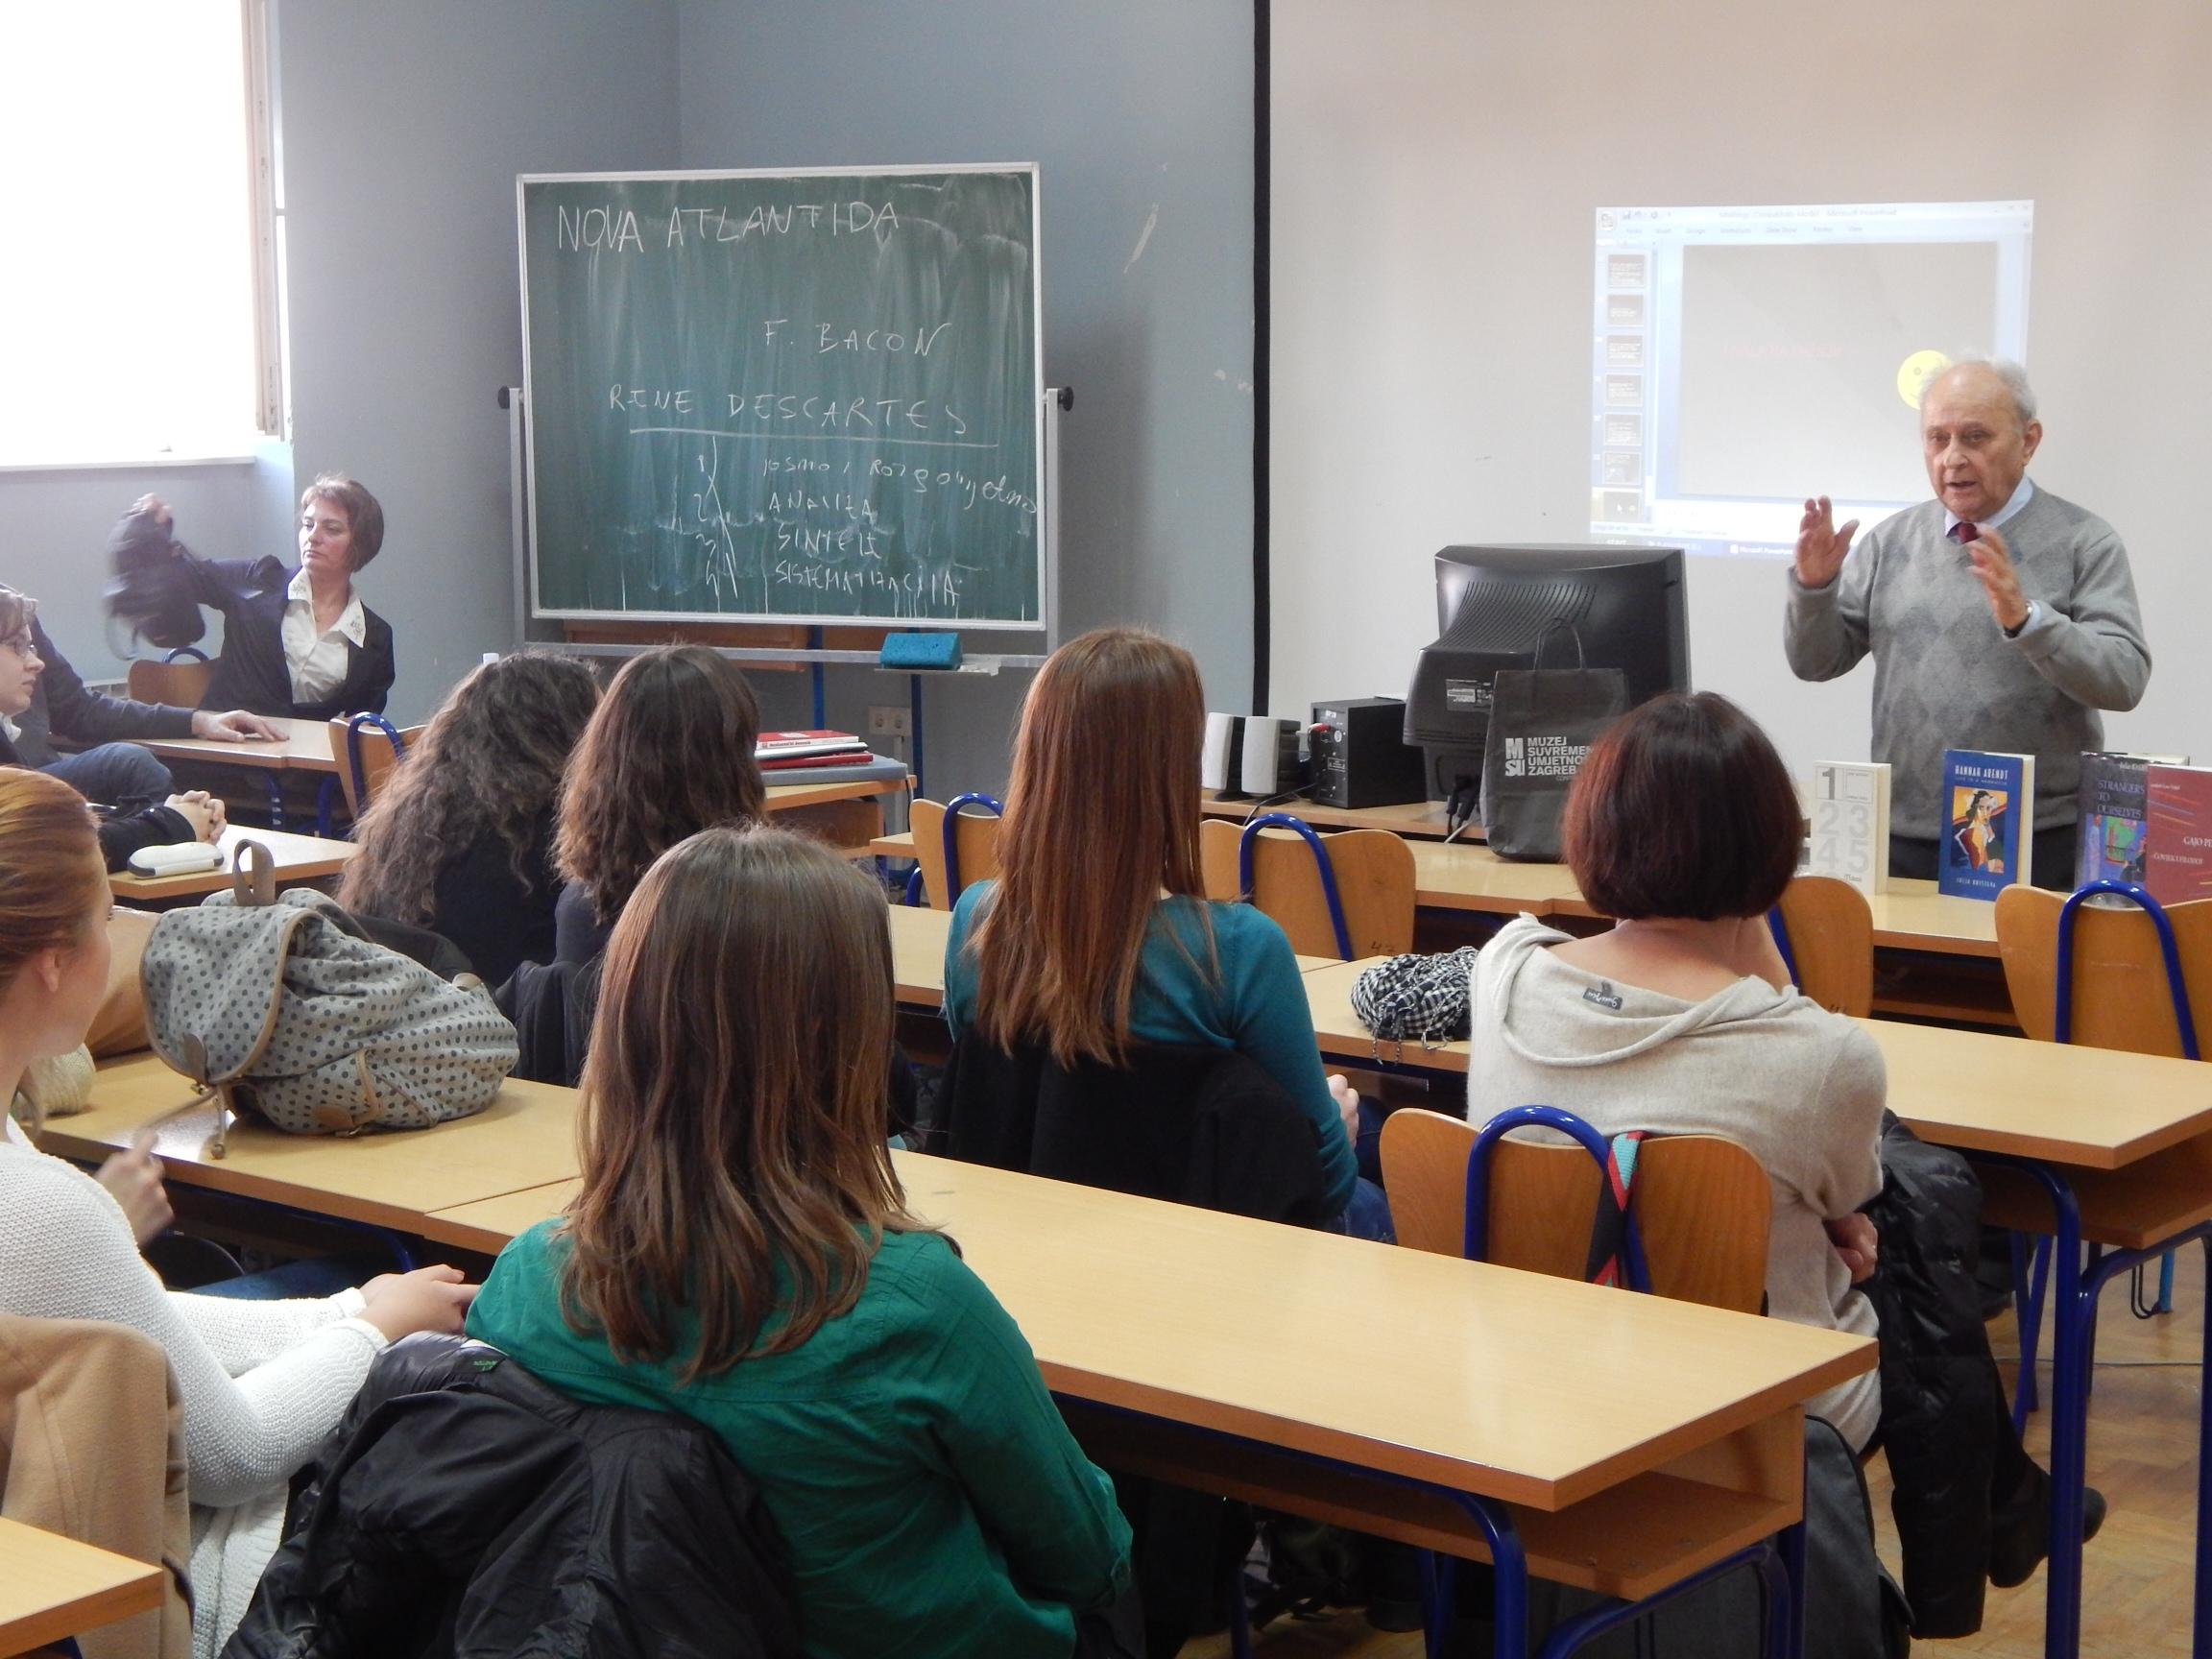 Gimnazija Karlovac, 2013., predavanje Slavka Goldsteina o Gaji Petrvoviću. Foto: Marin Bakić